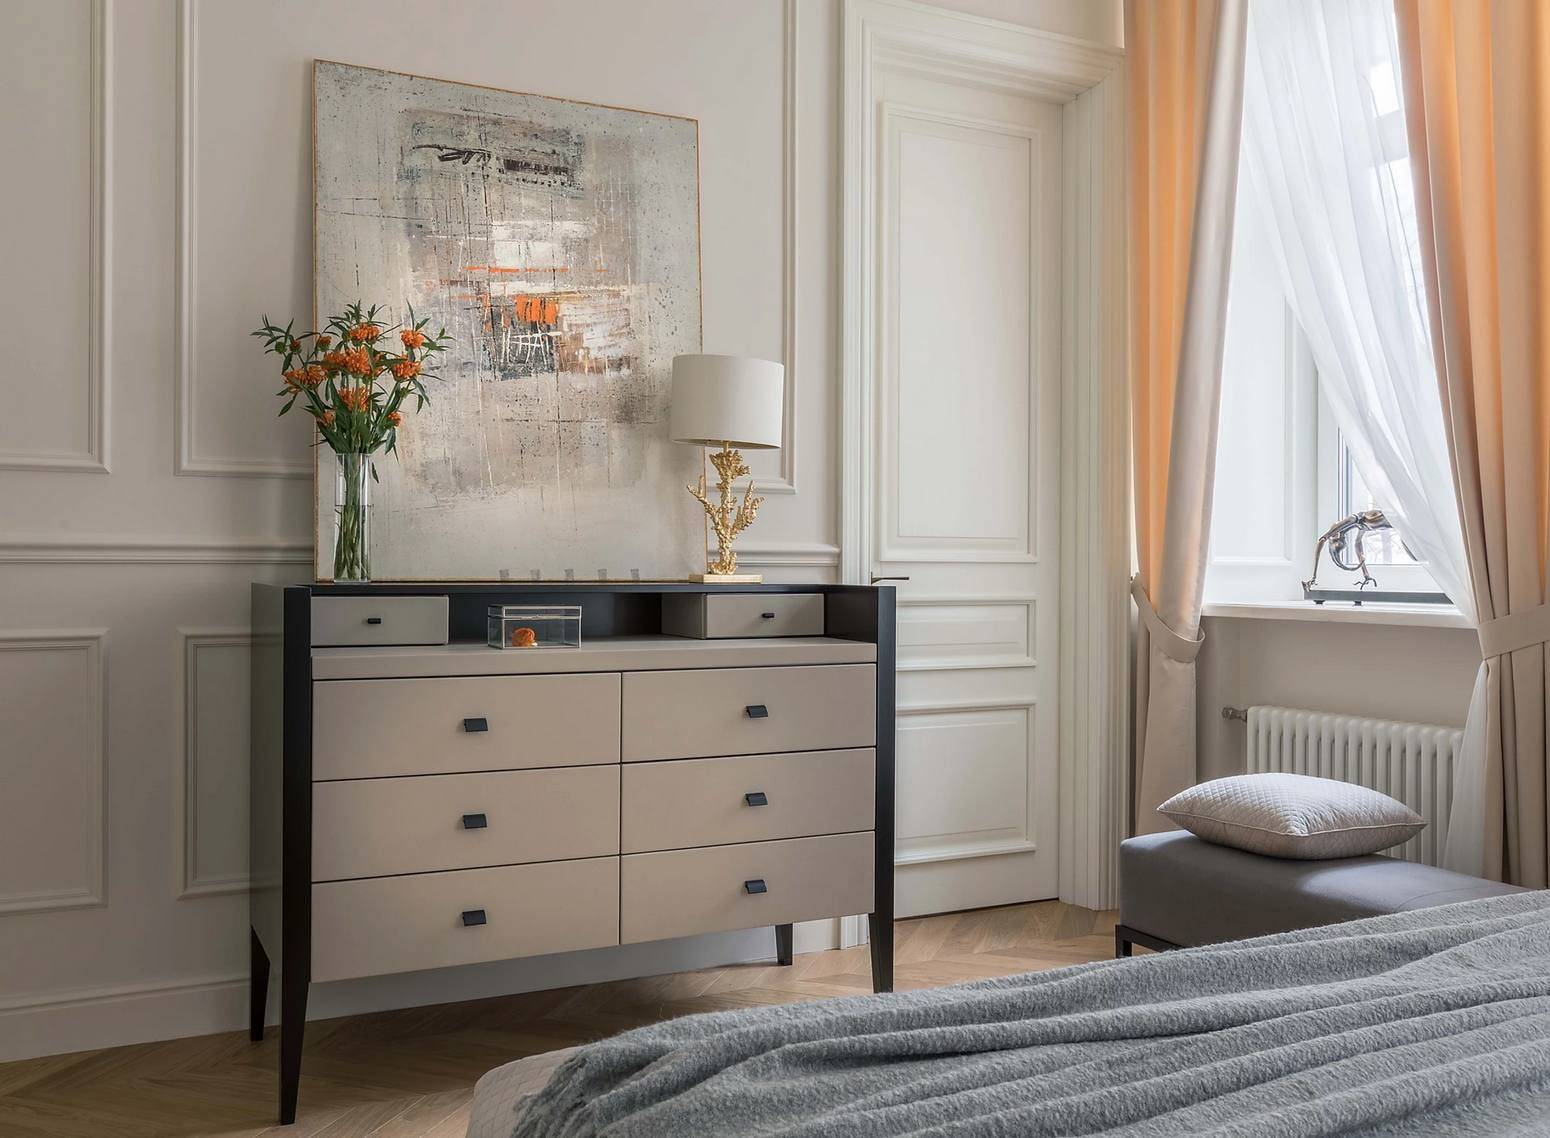 Угловые спальни:110+ (фото) интерьеров с наполнением